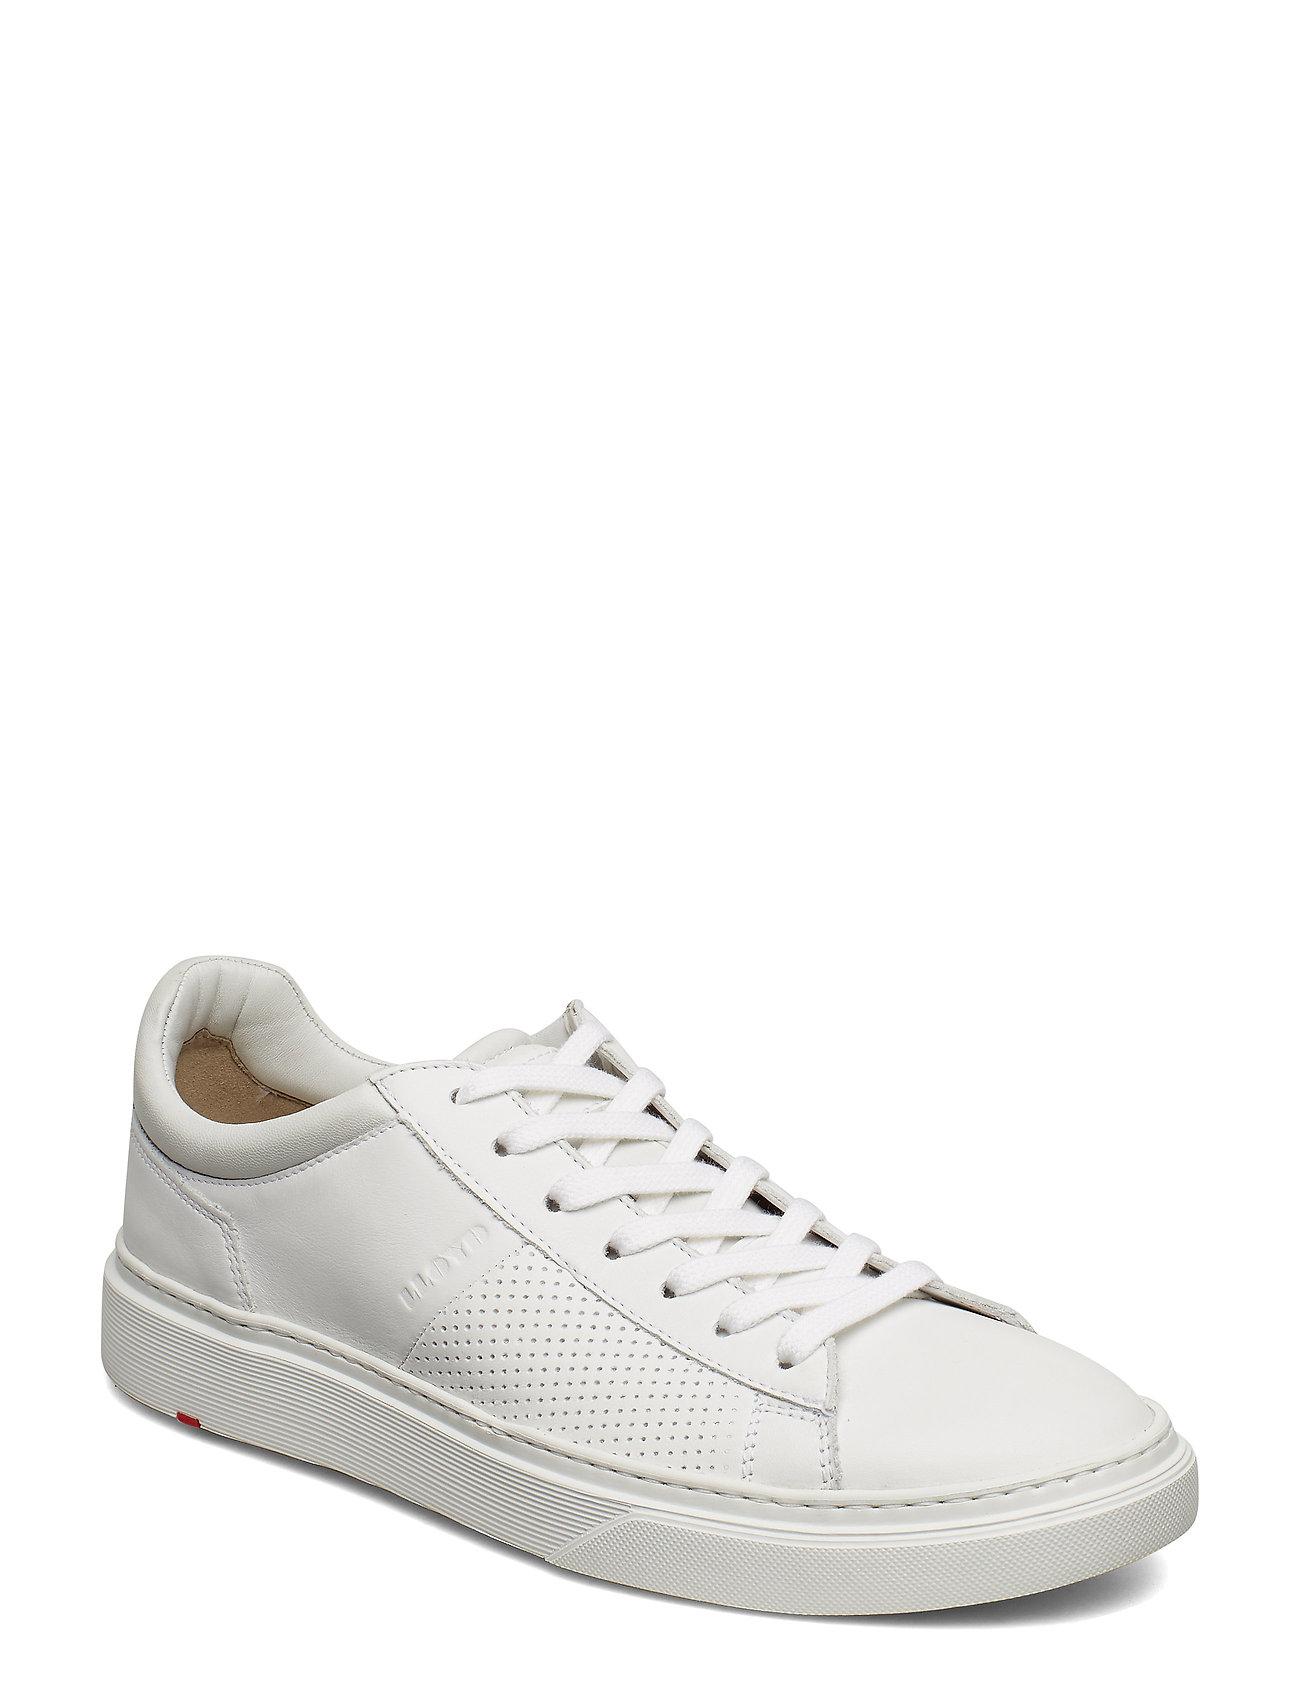 LLOYD Albi Niedrige Sneaker Weiß LLOYD